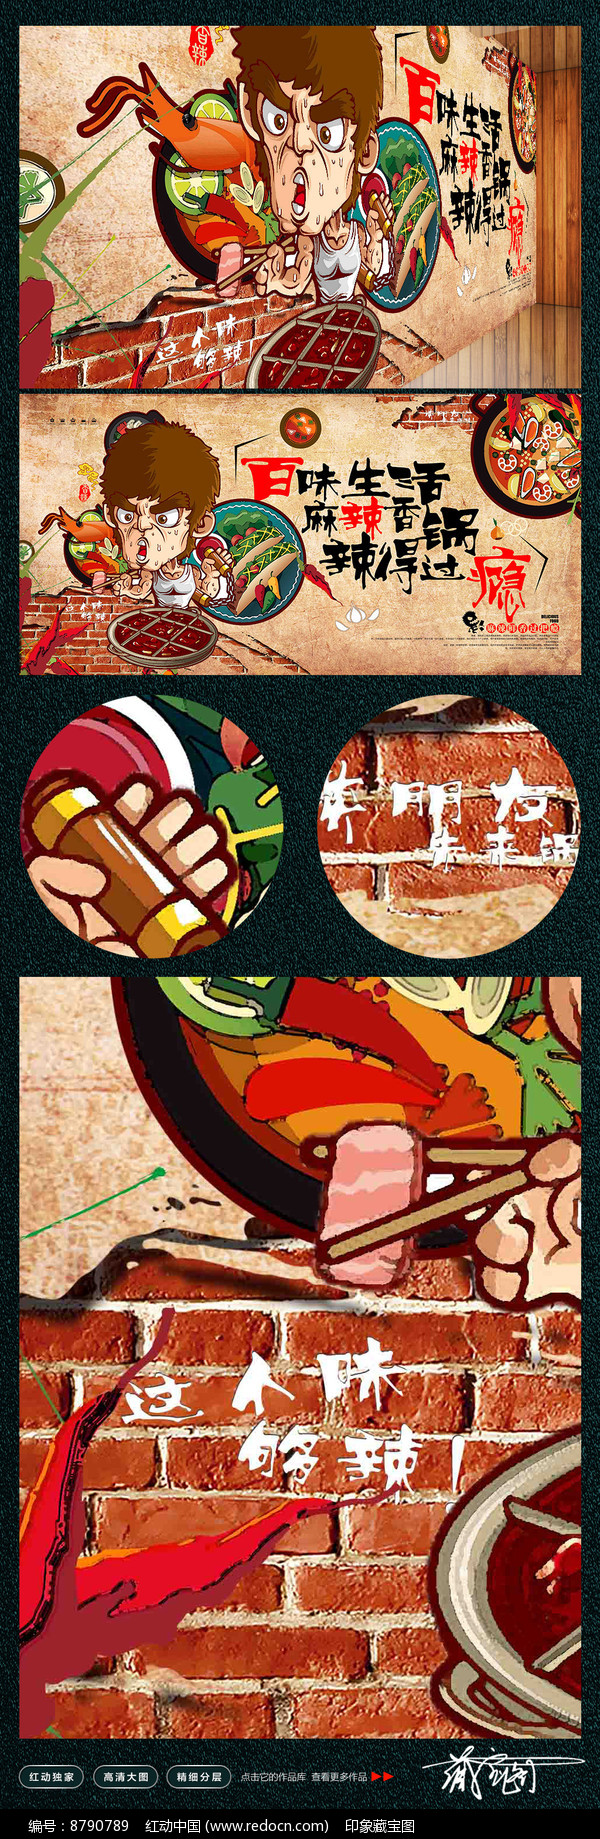 餐饮火锅文化壁画背景墙图片